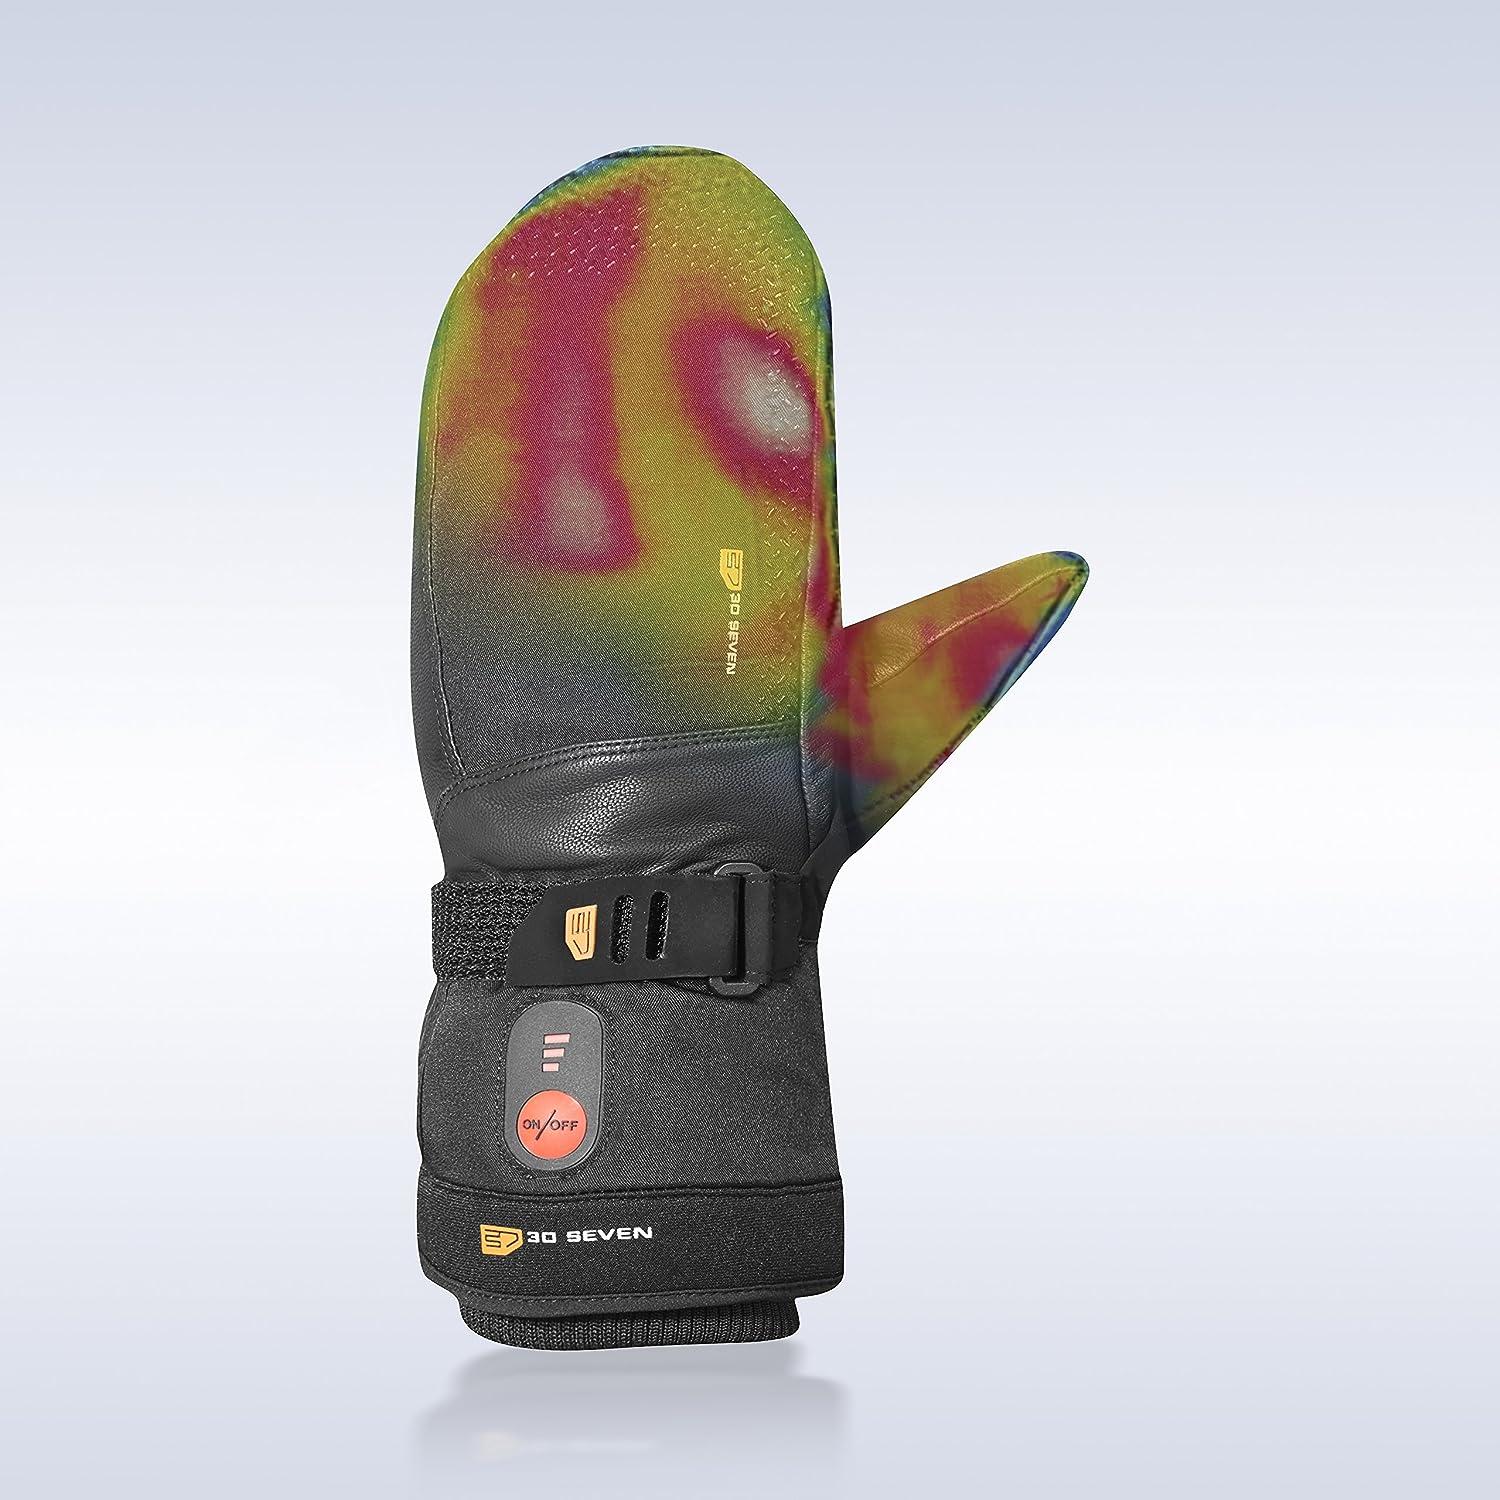 30seven beheizbare Ski-Handschuhe F/äustlinge mit Akku Snowboarden beheizte Fausthandschuhe f/ür Damen /& Herren//beheizbarer Winterhandschuh zum Skifahren Wintersport//wasserdicht // schwarz